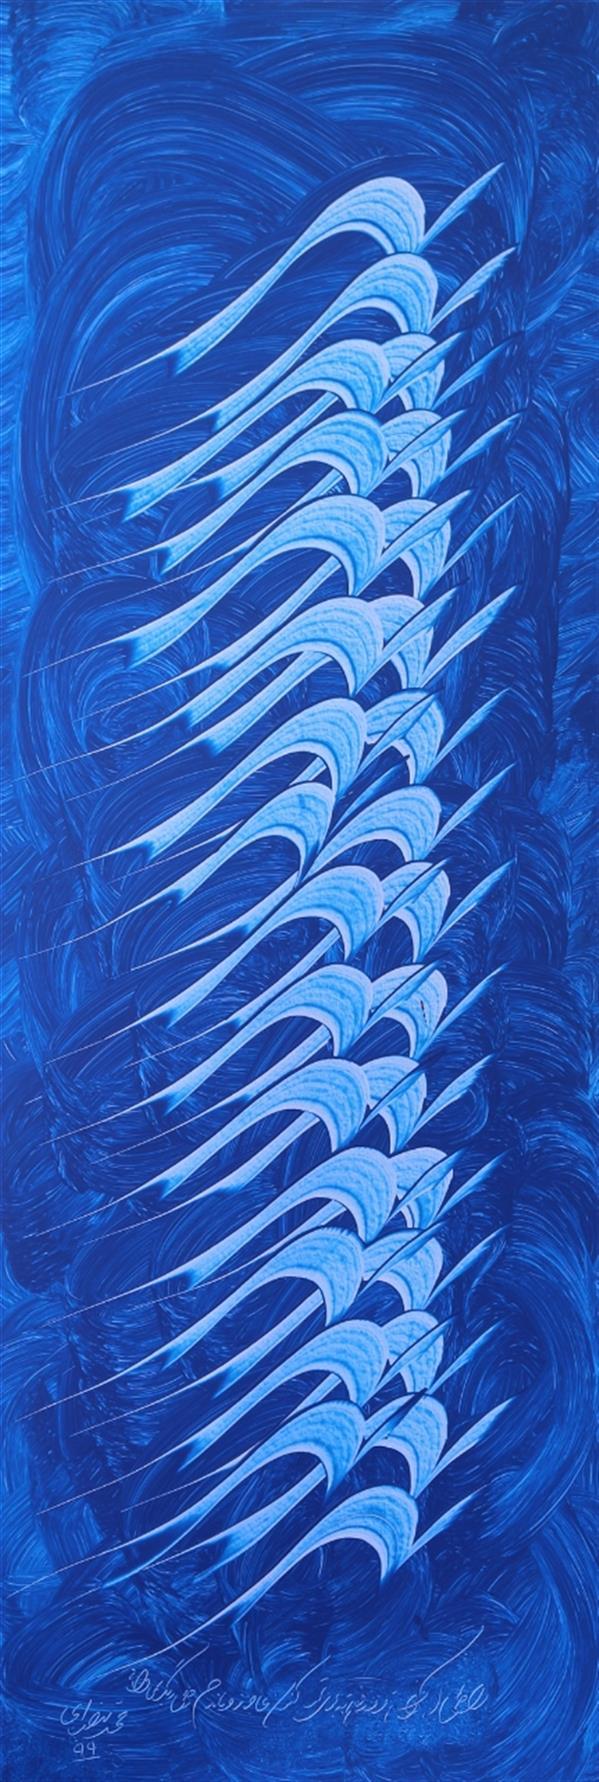 هنر خوشنویسی محفل خوشنویسی محمد مظهری به هر راهی که دانستم فرو رفتم به بوی تو، کنون عاجز فرو ماندم رهی دیگر نمیدانم...(عطار) بدون قاب رنگ روغن روی مقوا  #محمدمظهری#محمد_مظهری